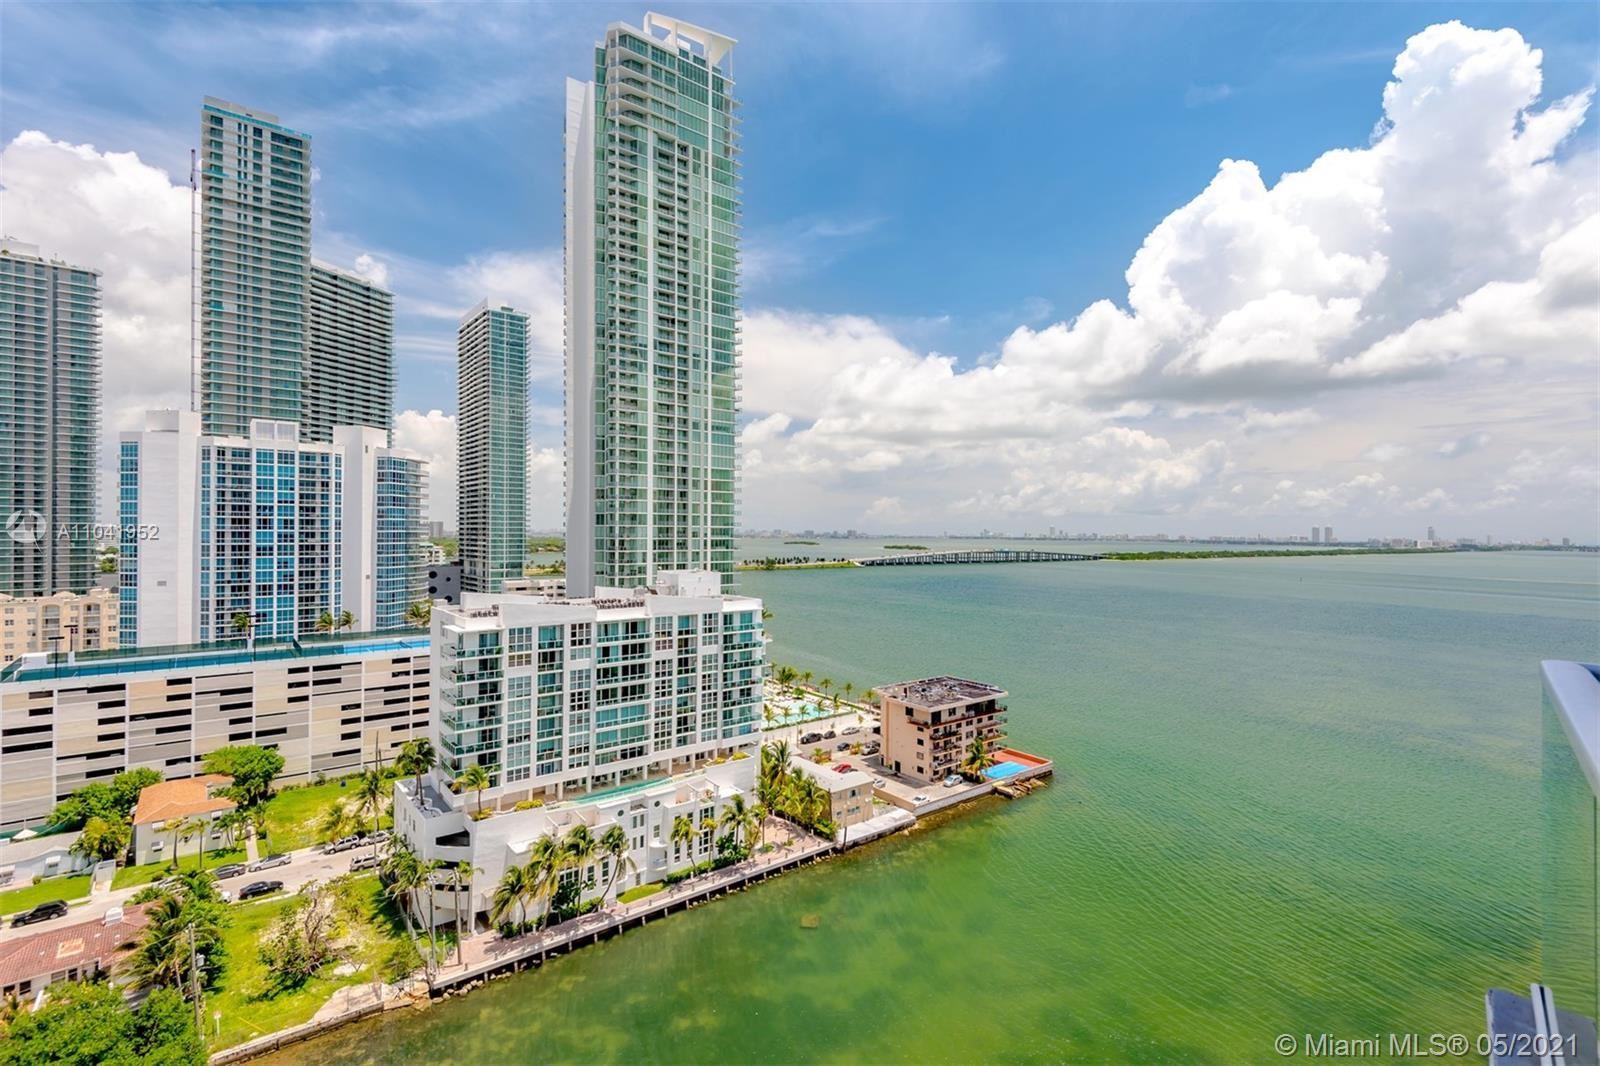 Miami, FL 33137